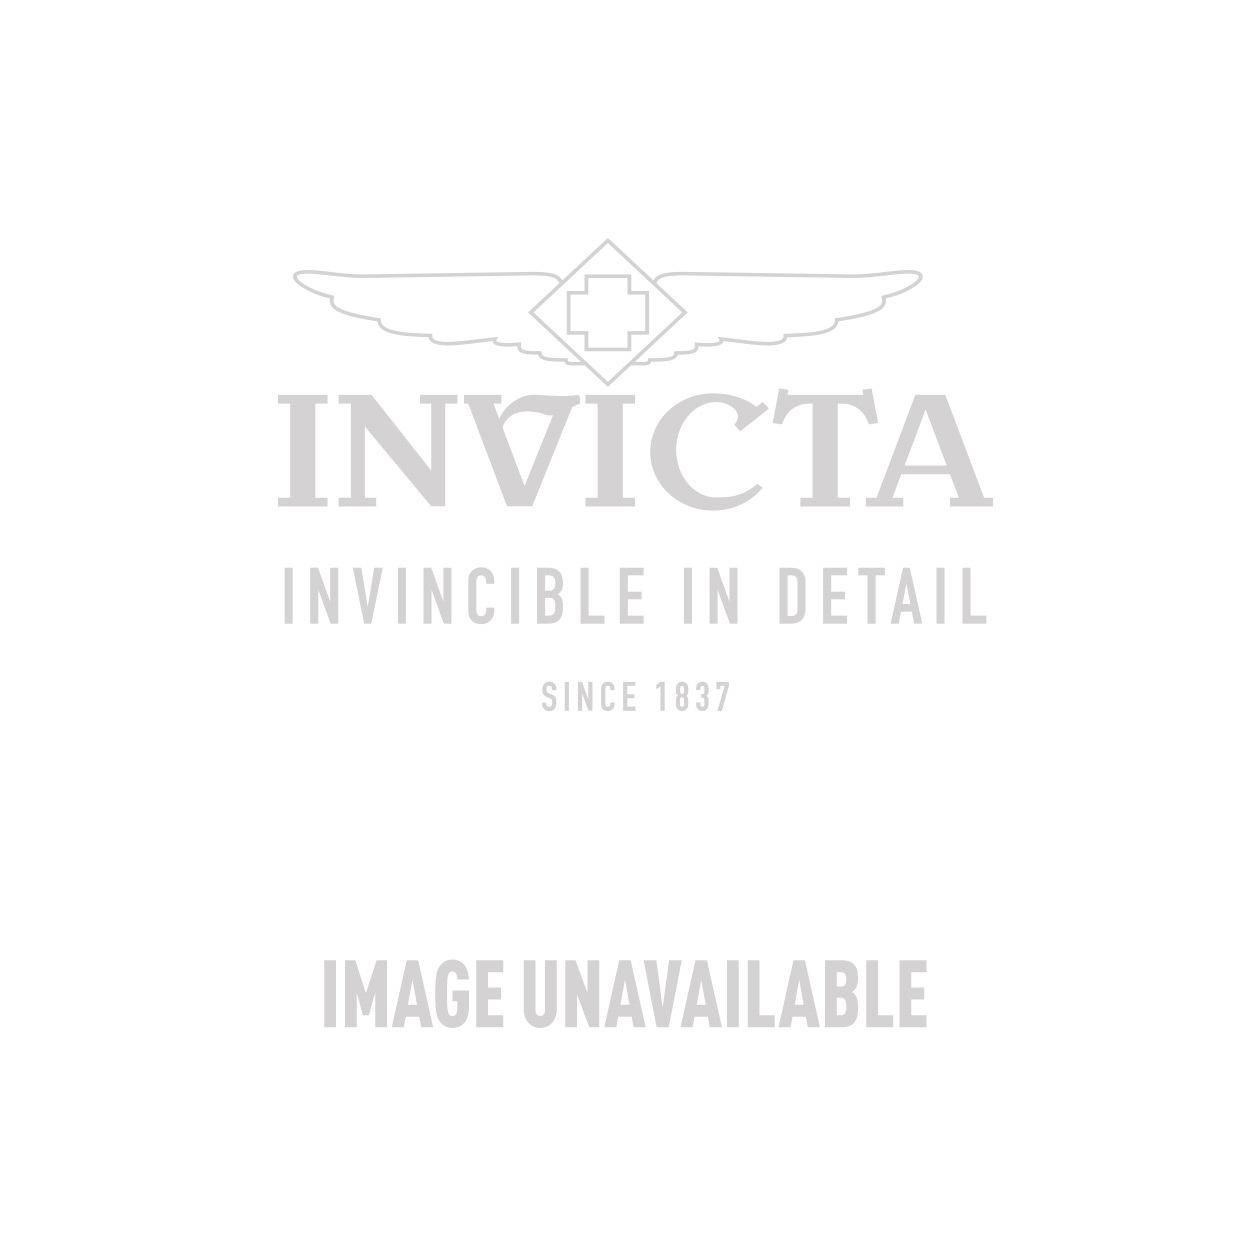 Invicta Model 29115